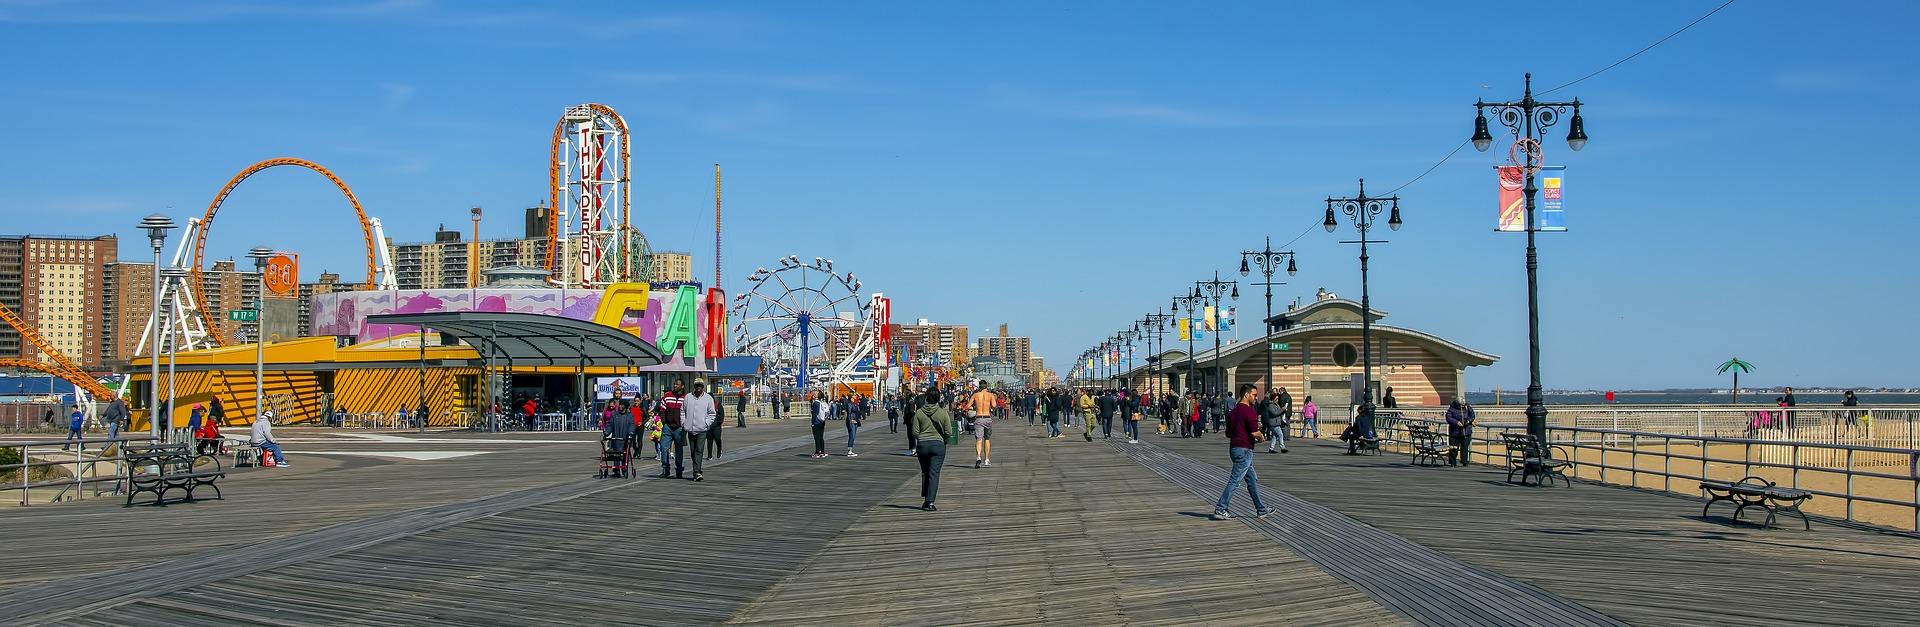 Panoramic Seaside Boardwalk